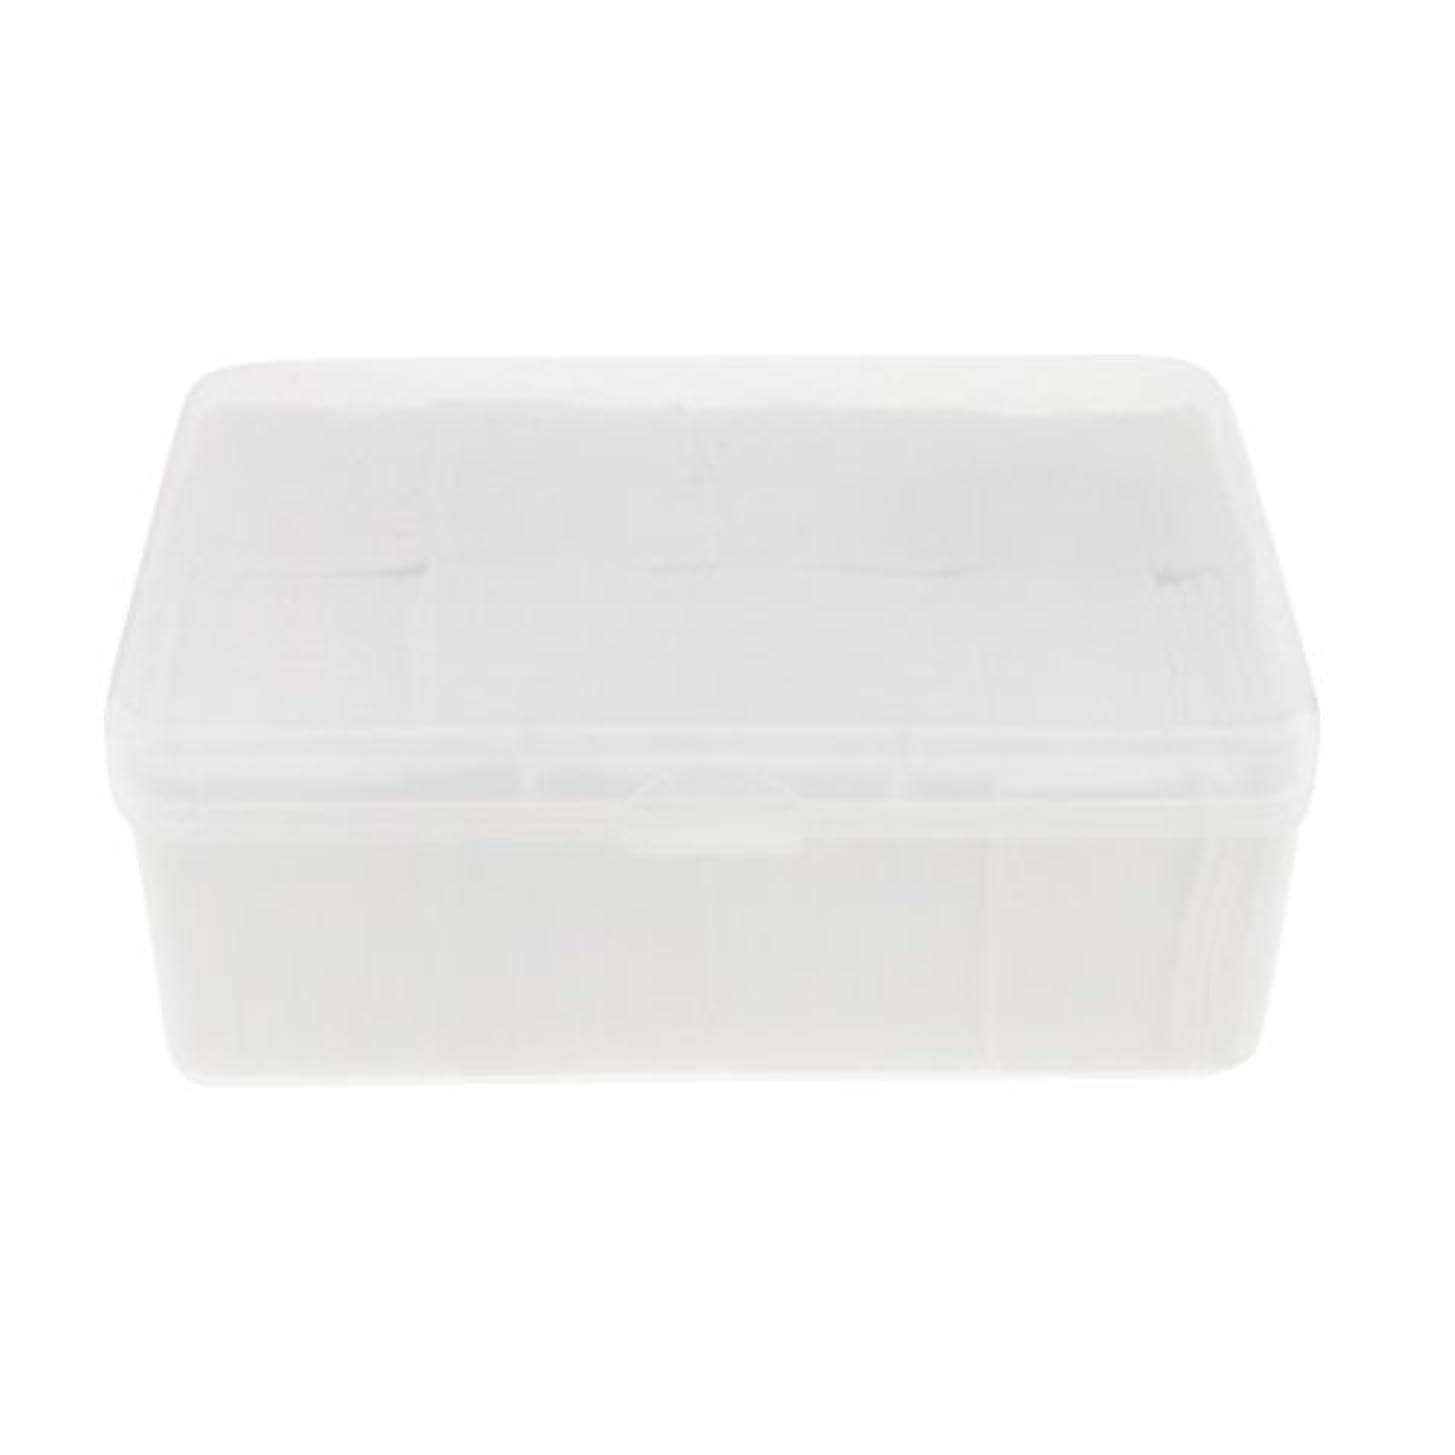 なかなか四分円プットHomyl 約1000枚 メイクアップリムーバー コットンパッド 化粧品パフ メイクアップ 保湿 ネイル用 化粧用 便利